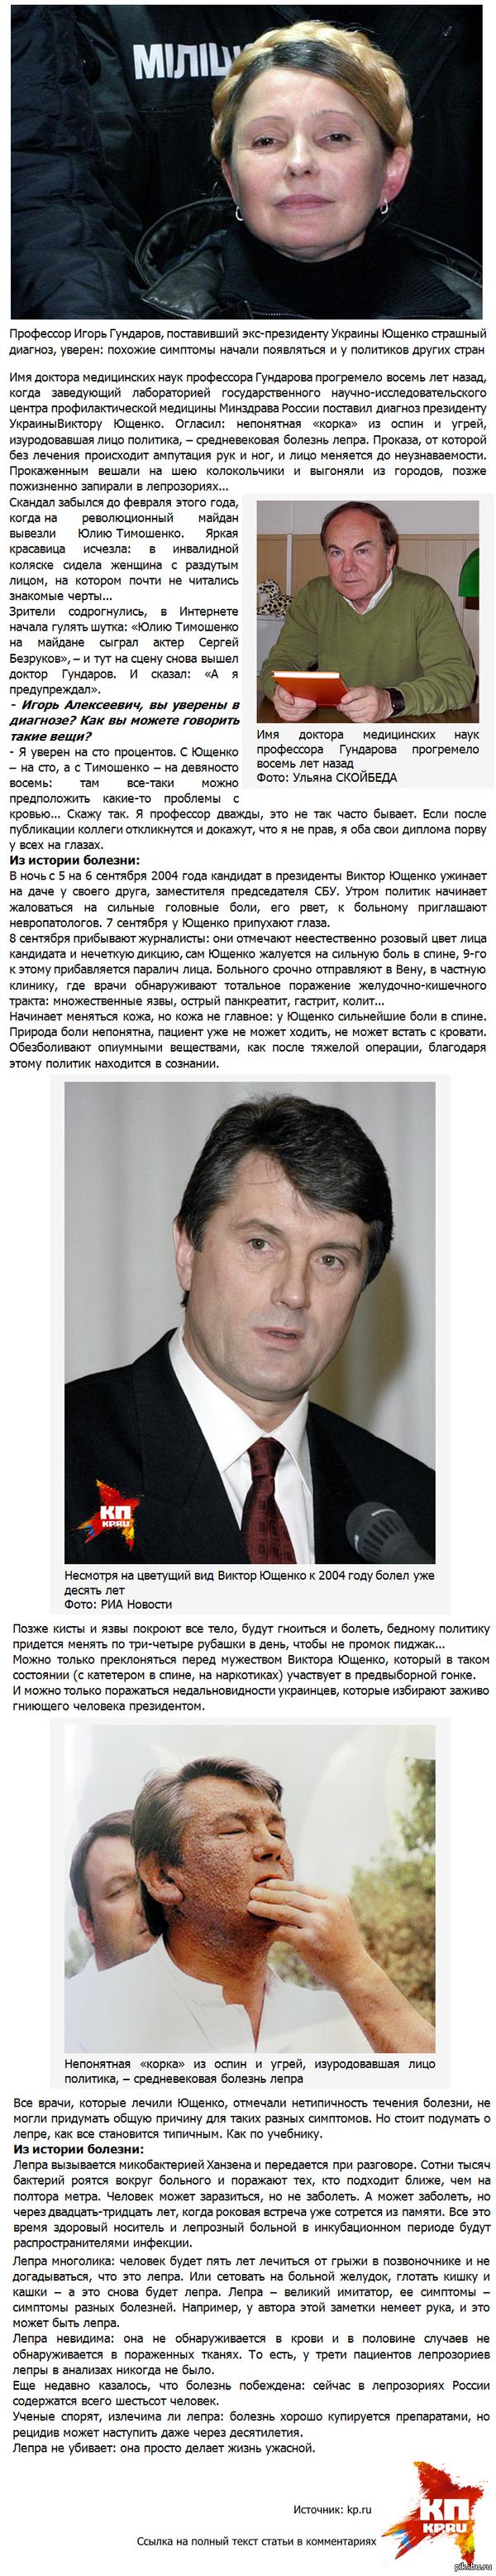 Украинские политики распространяют проказу Скандалы, интриги, расследования